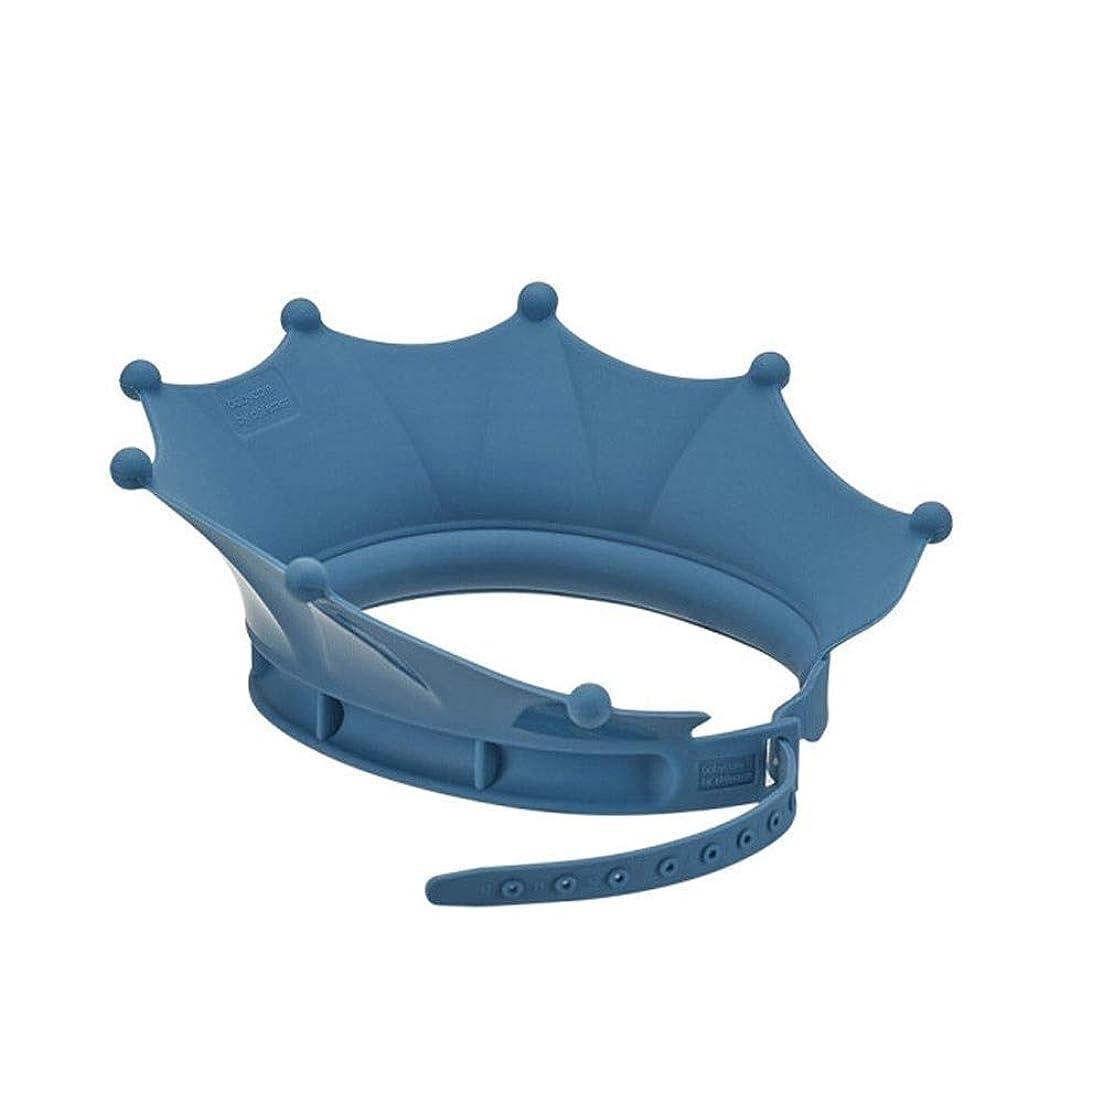 強度切り刻む卒業記念アルバムPFKE キャップ、調節可能なシリコーンシャワーキャップ、シャンプー耳の保護シャワーキャップ、防水シャワーキャップ、ブルーシャワー シンプルで実用的な製品 (Color : Blue)